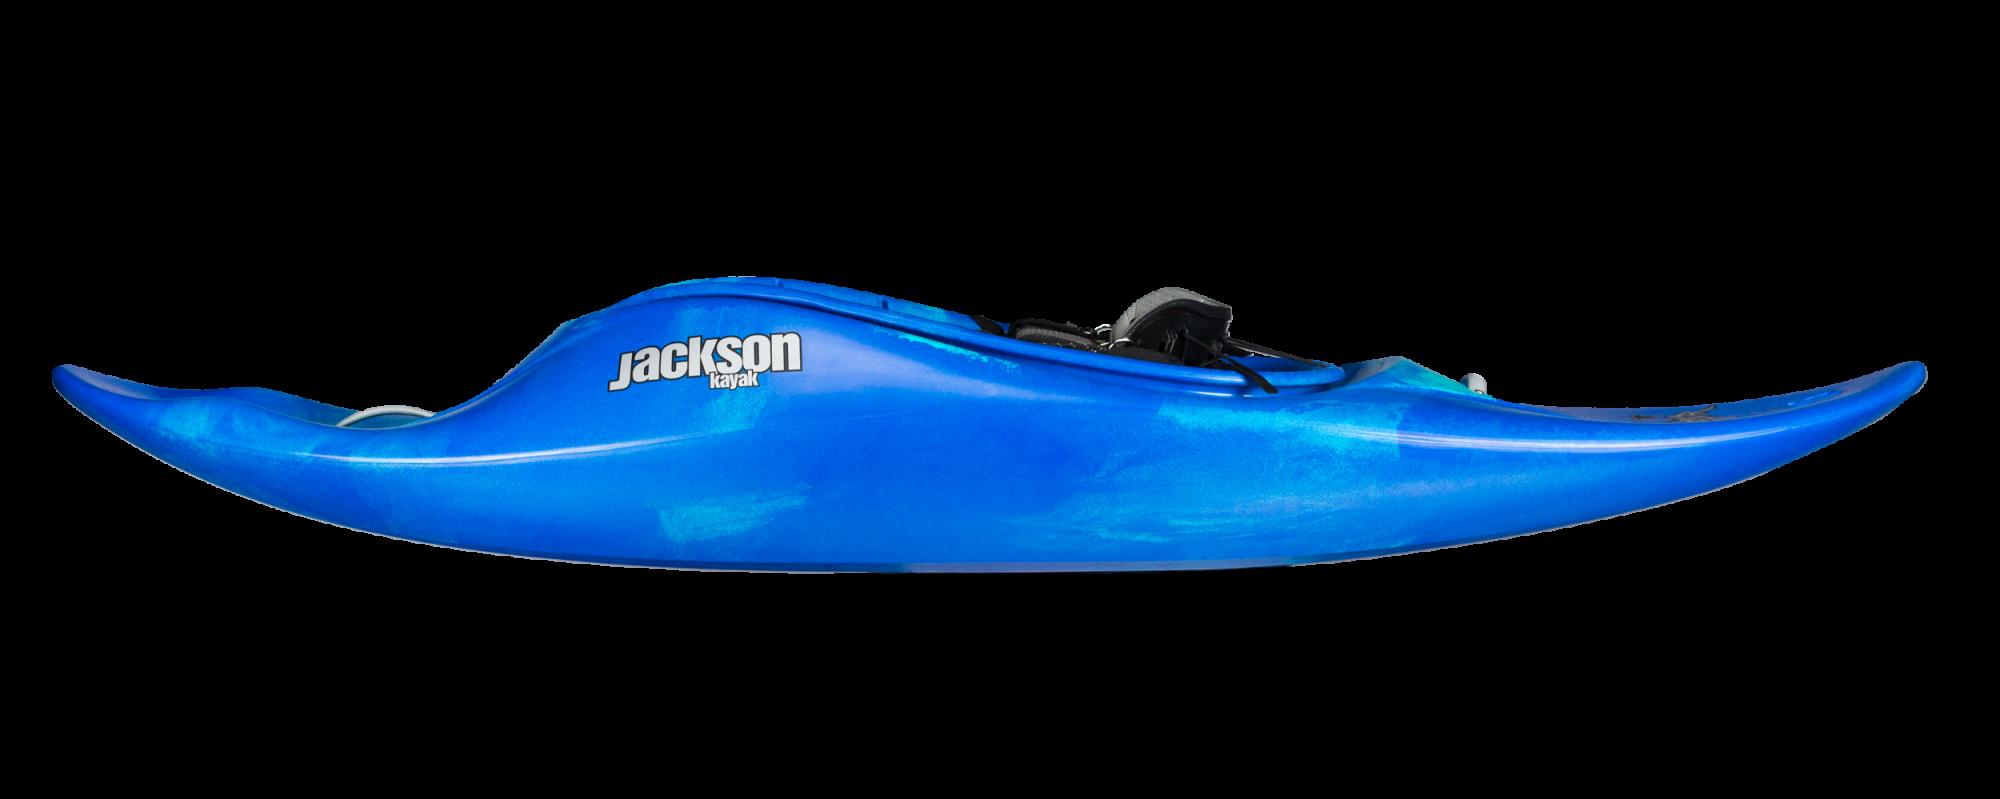 Jackson Mixmaster 7.0 Kayak